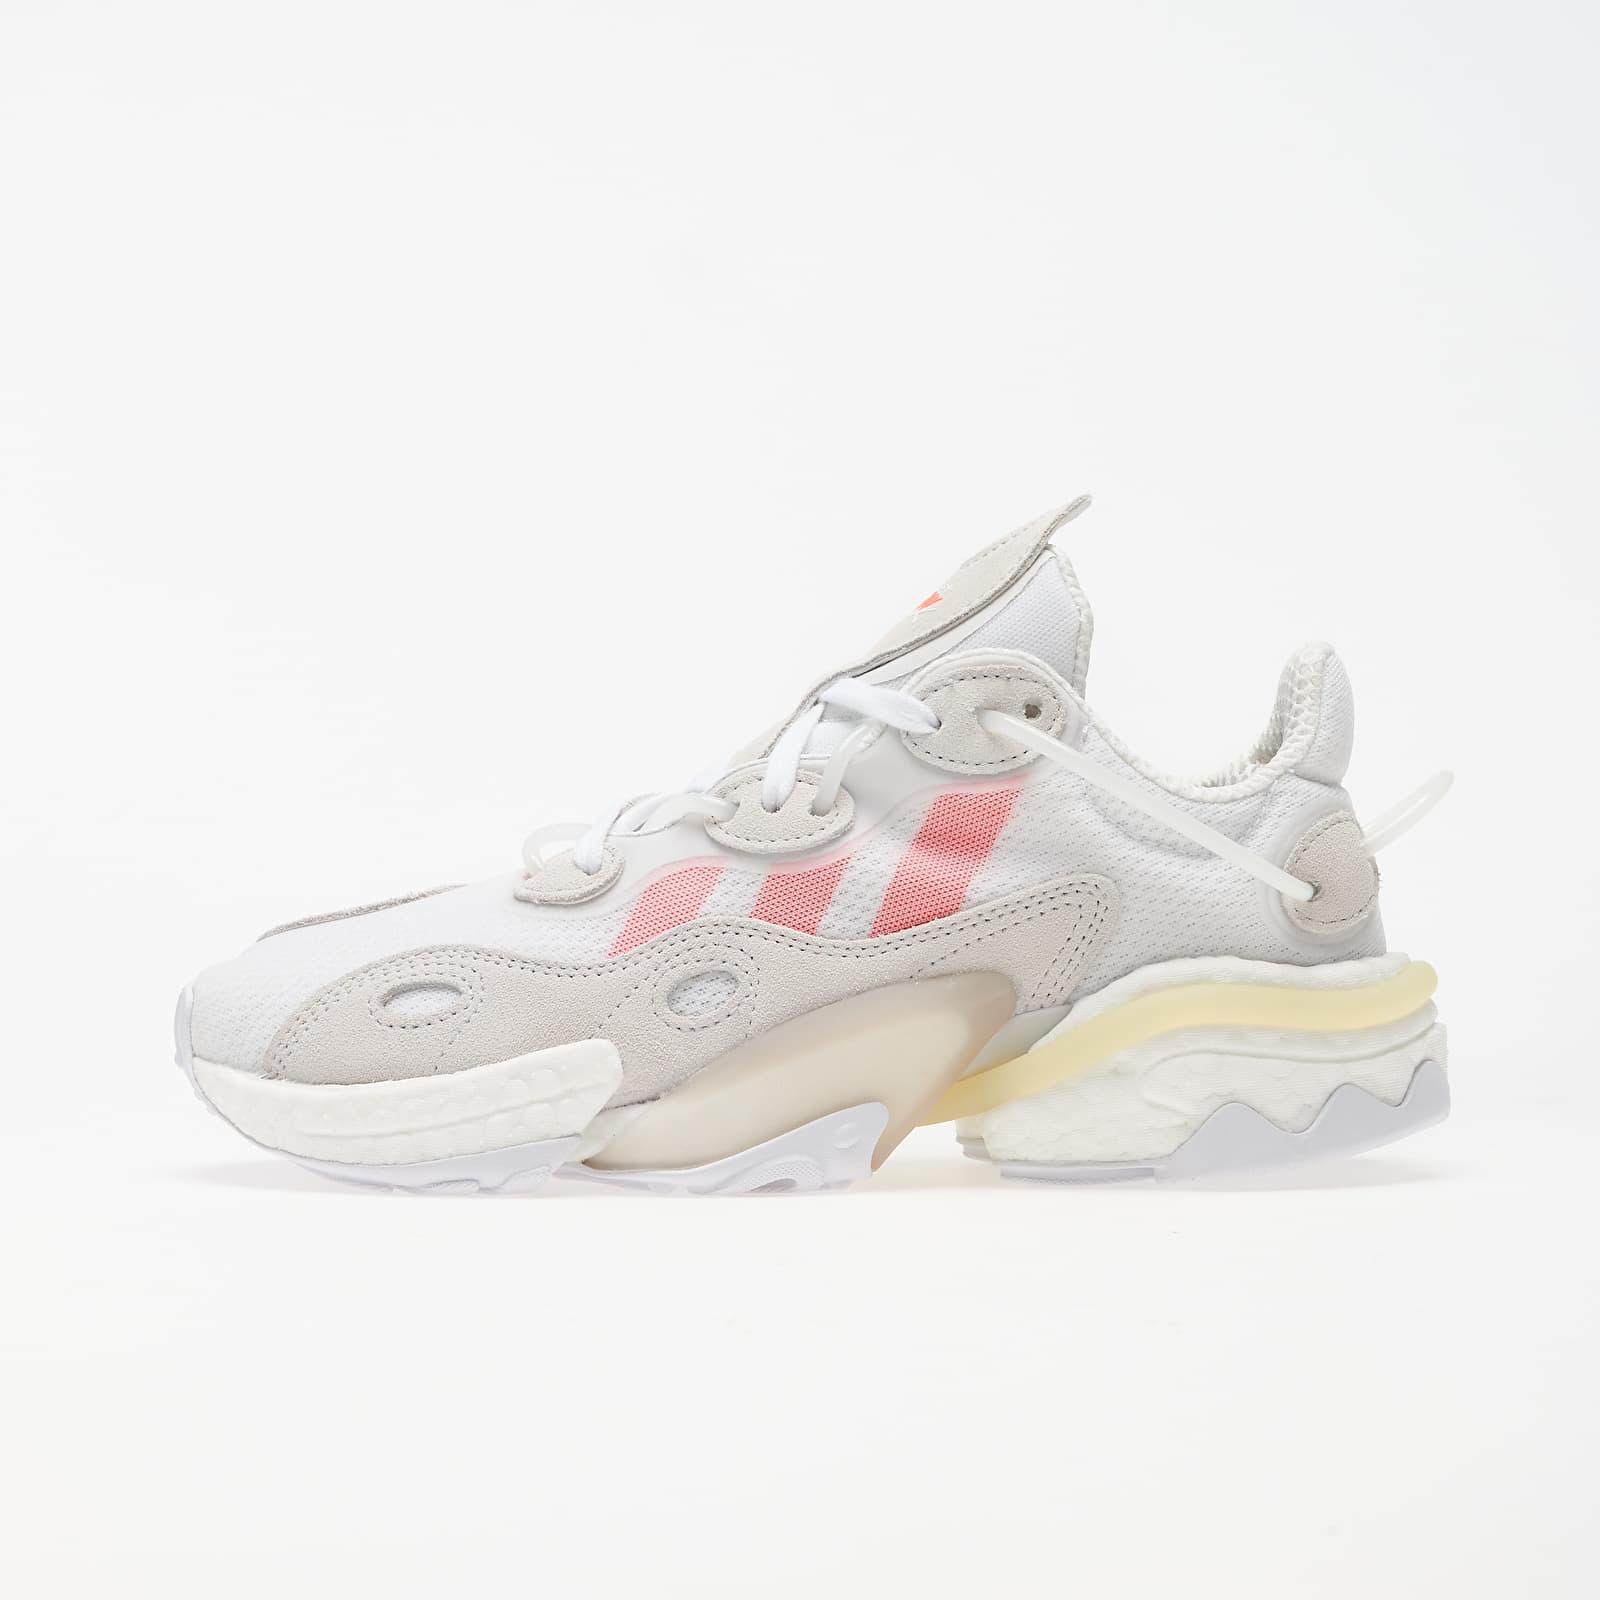 Scarpe e sneaker da donna adidas Torsion X W Ftw White/ Solid Red/ Crystal White